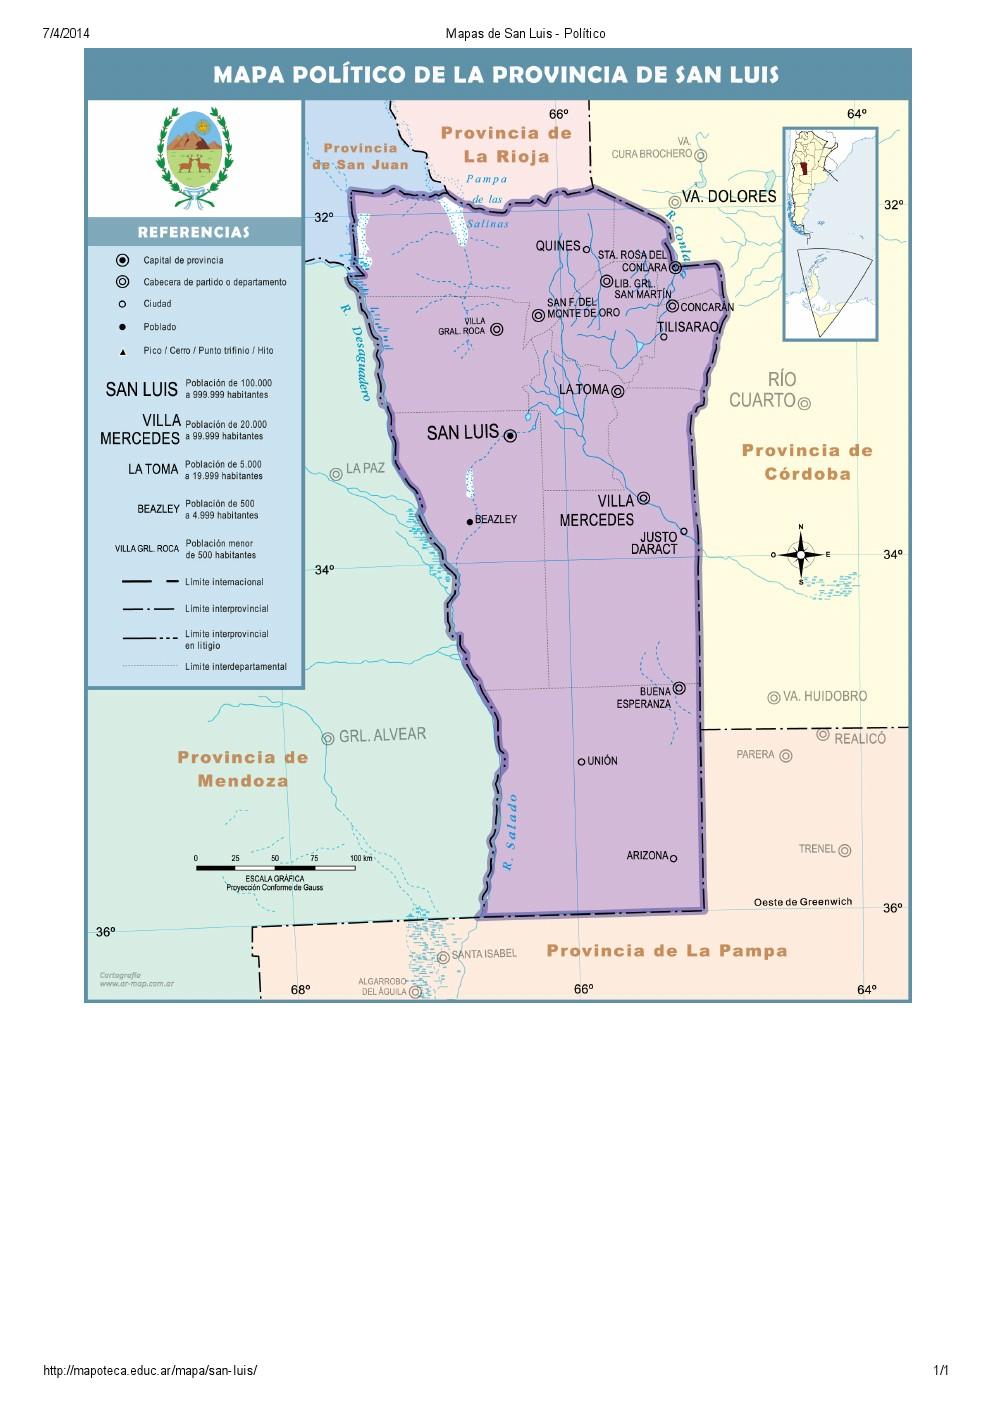 Mapa de capitales de San Luis. Mapoteca de Educ.ar